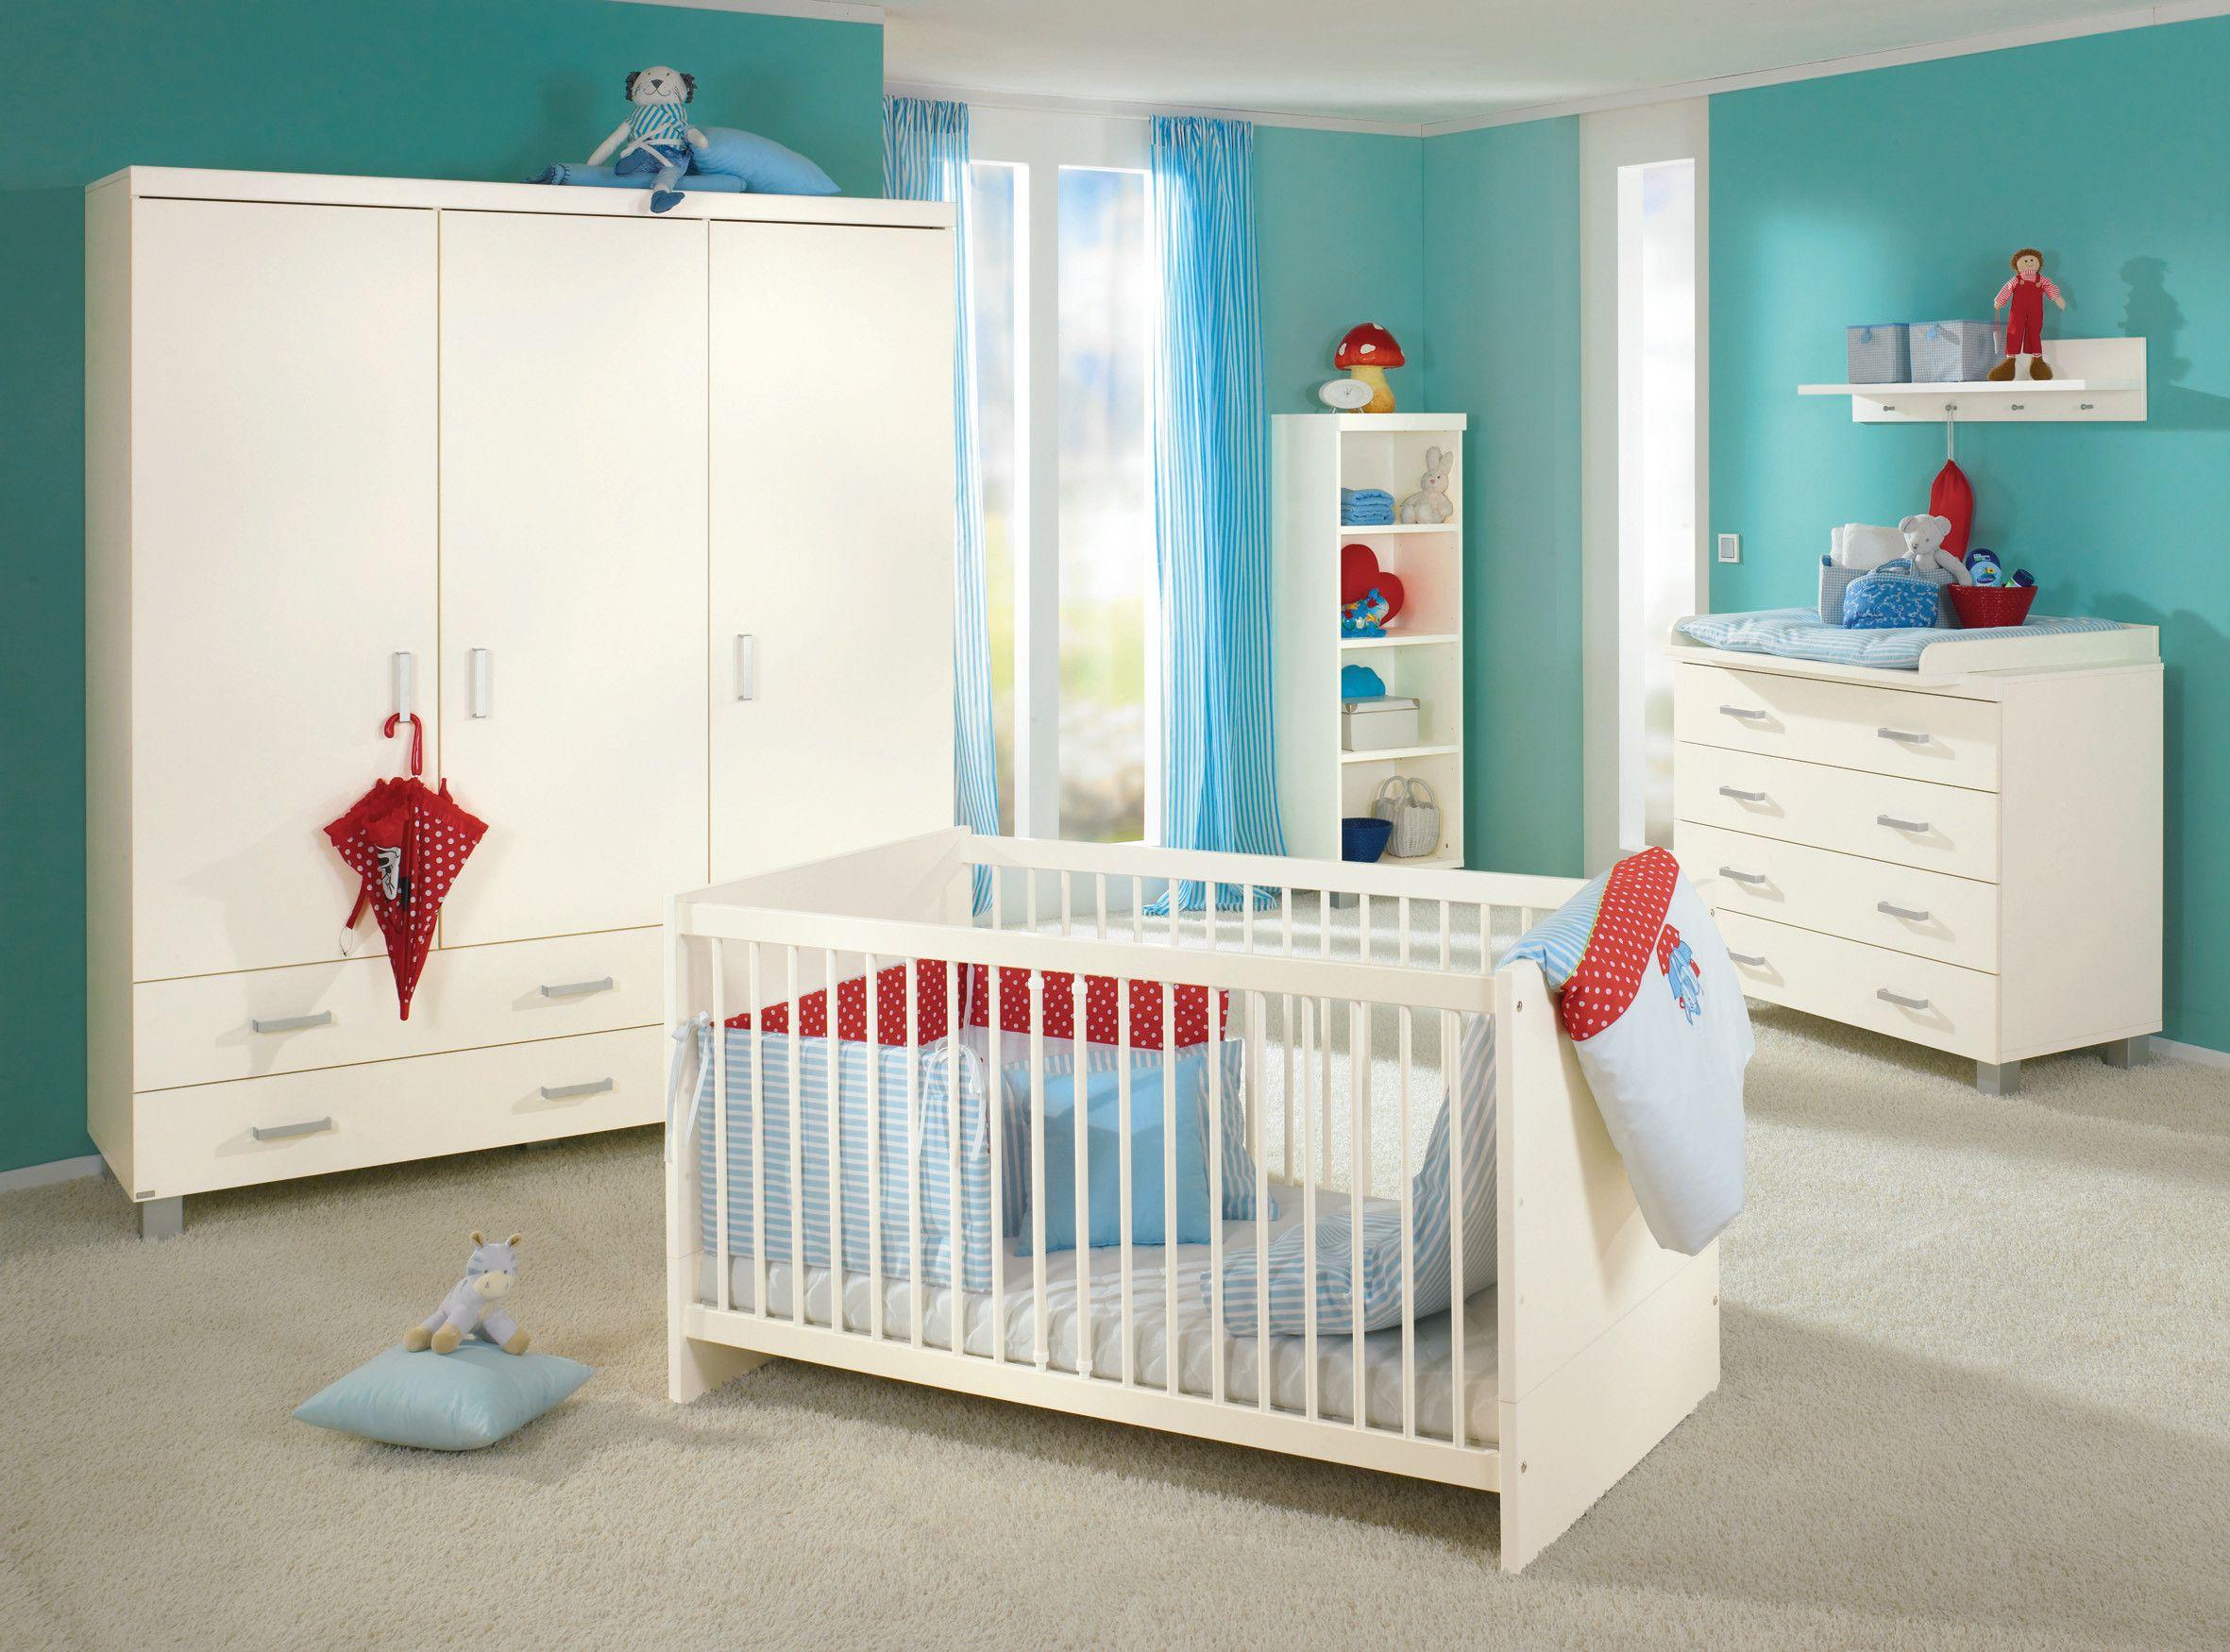 Paidi Biancomo Mehr Design Im Kinderzimmer Paidi Kinderwelten